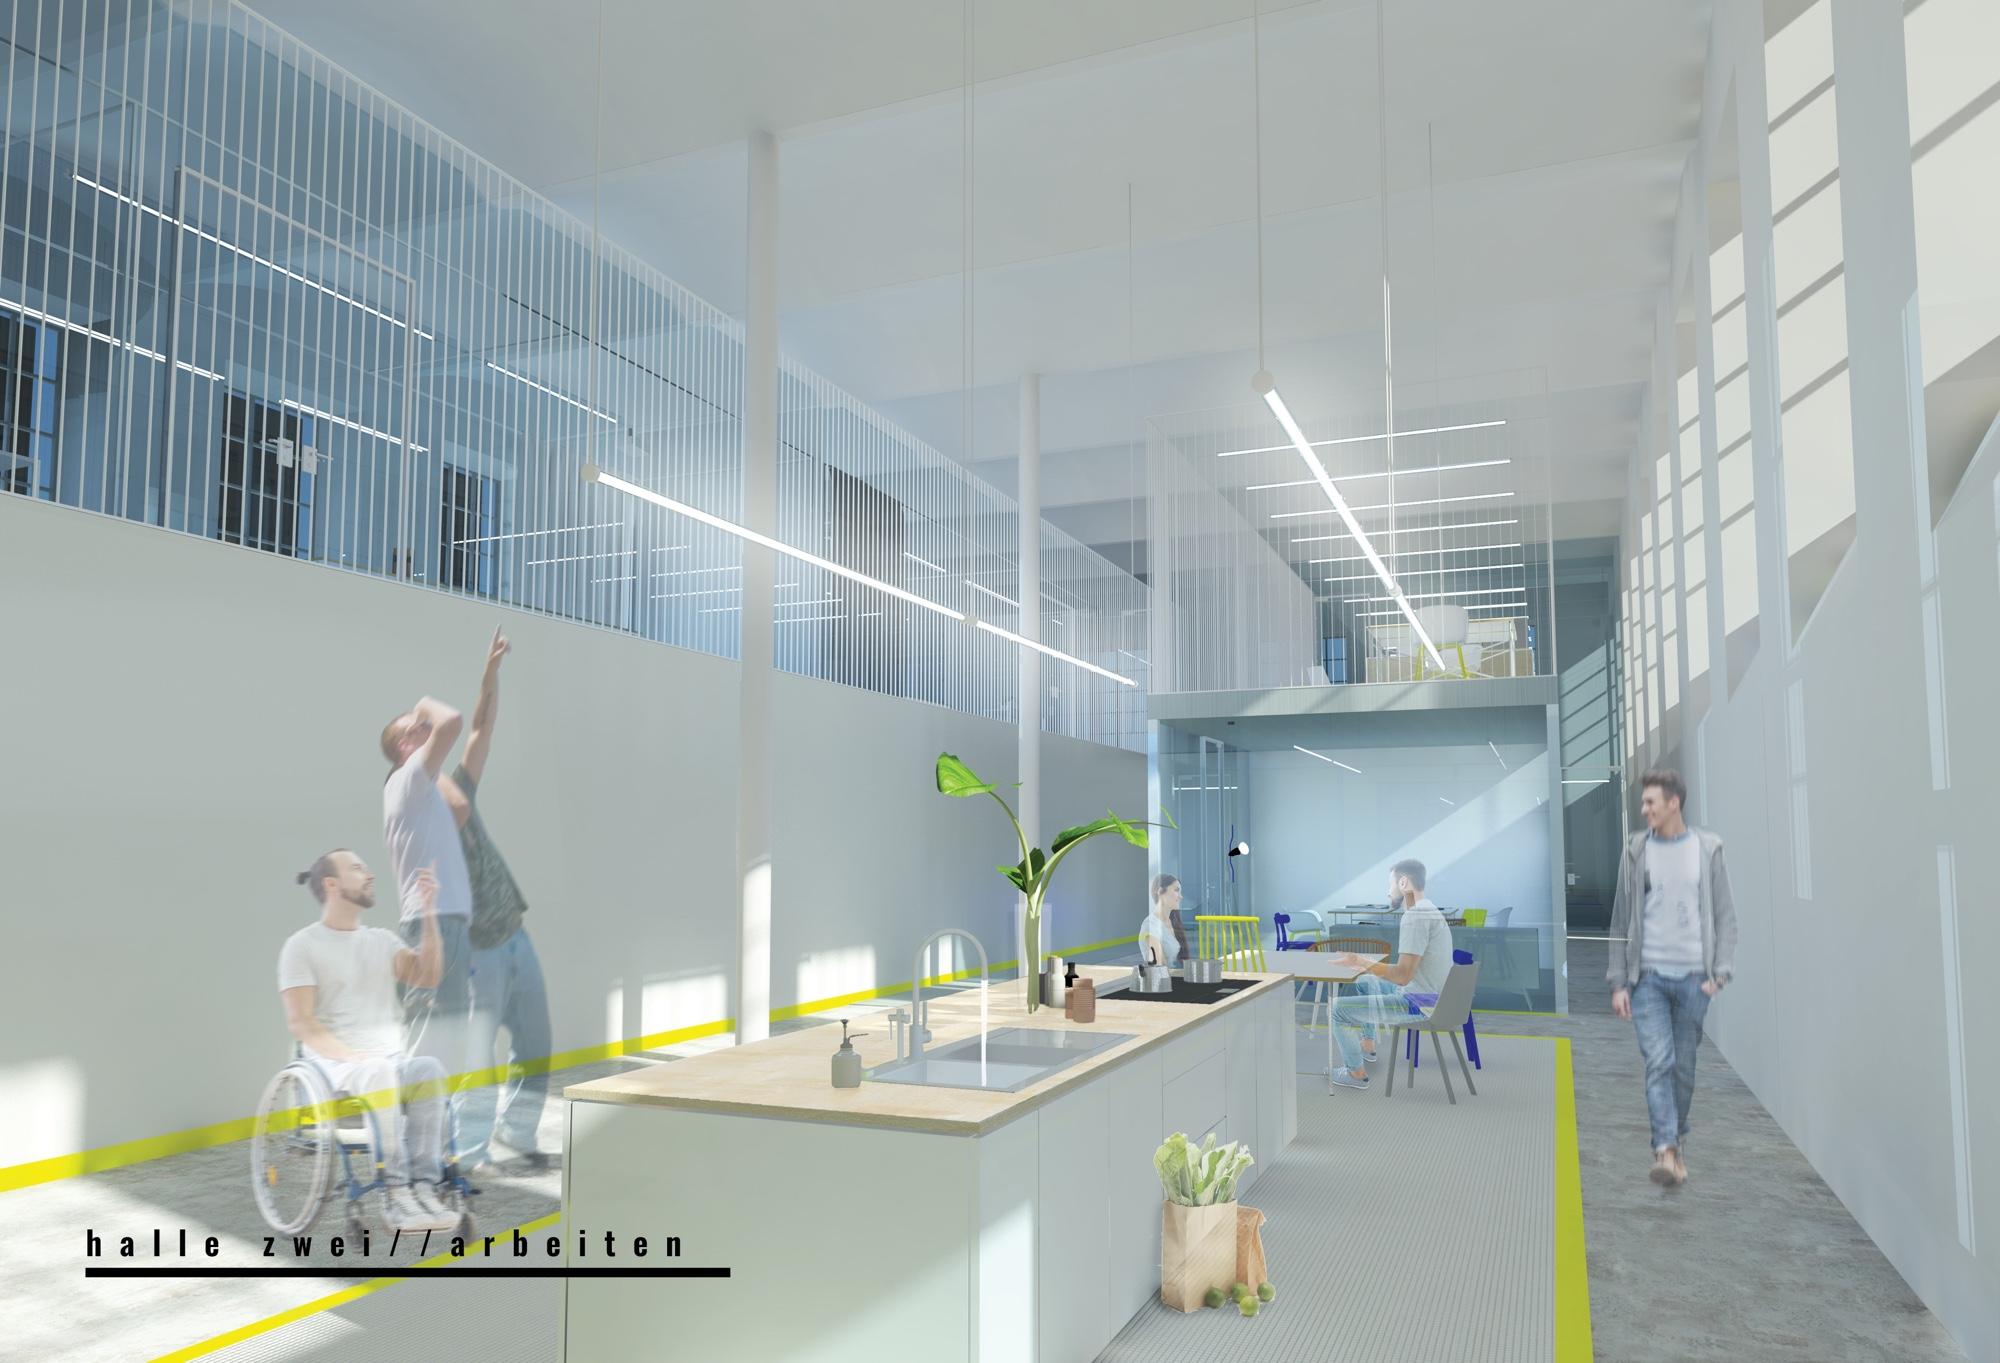 Innenarchitektur studieren an der Hochschule Kaiserslautern   bund ...